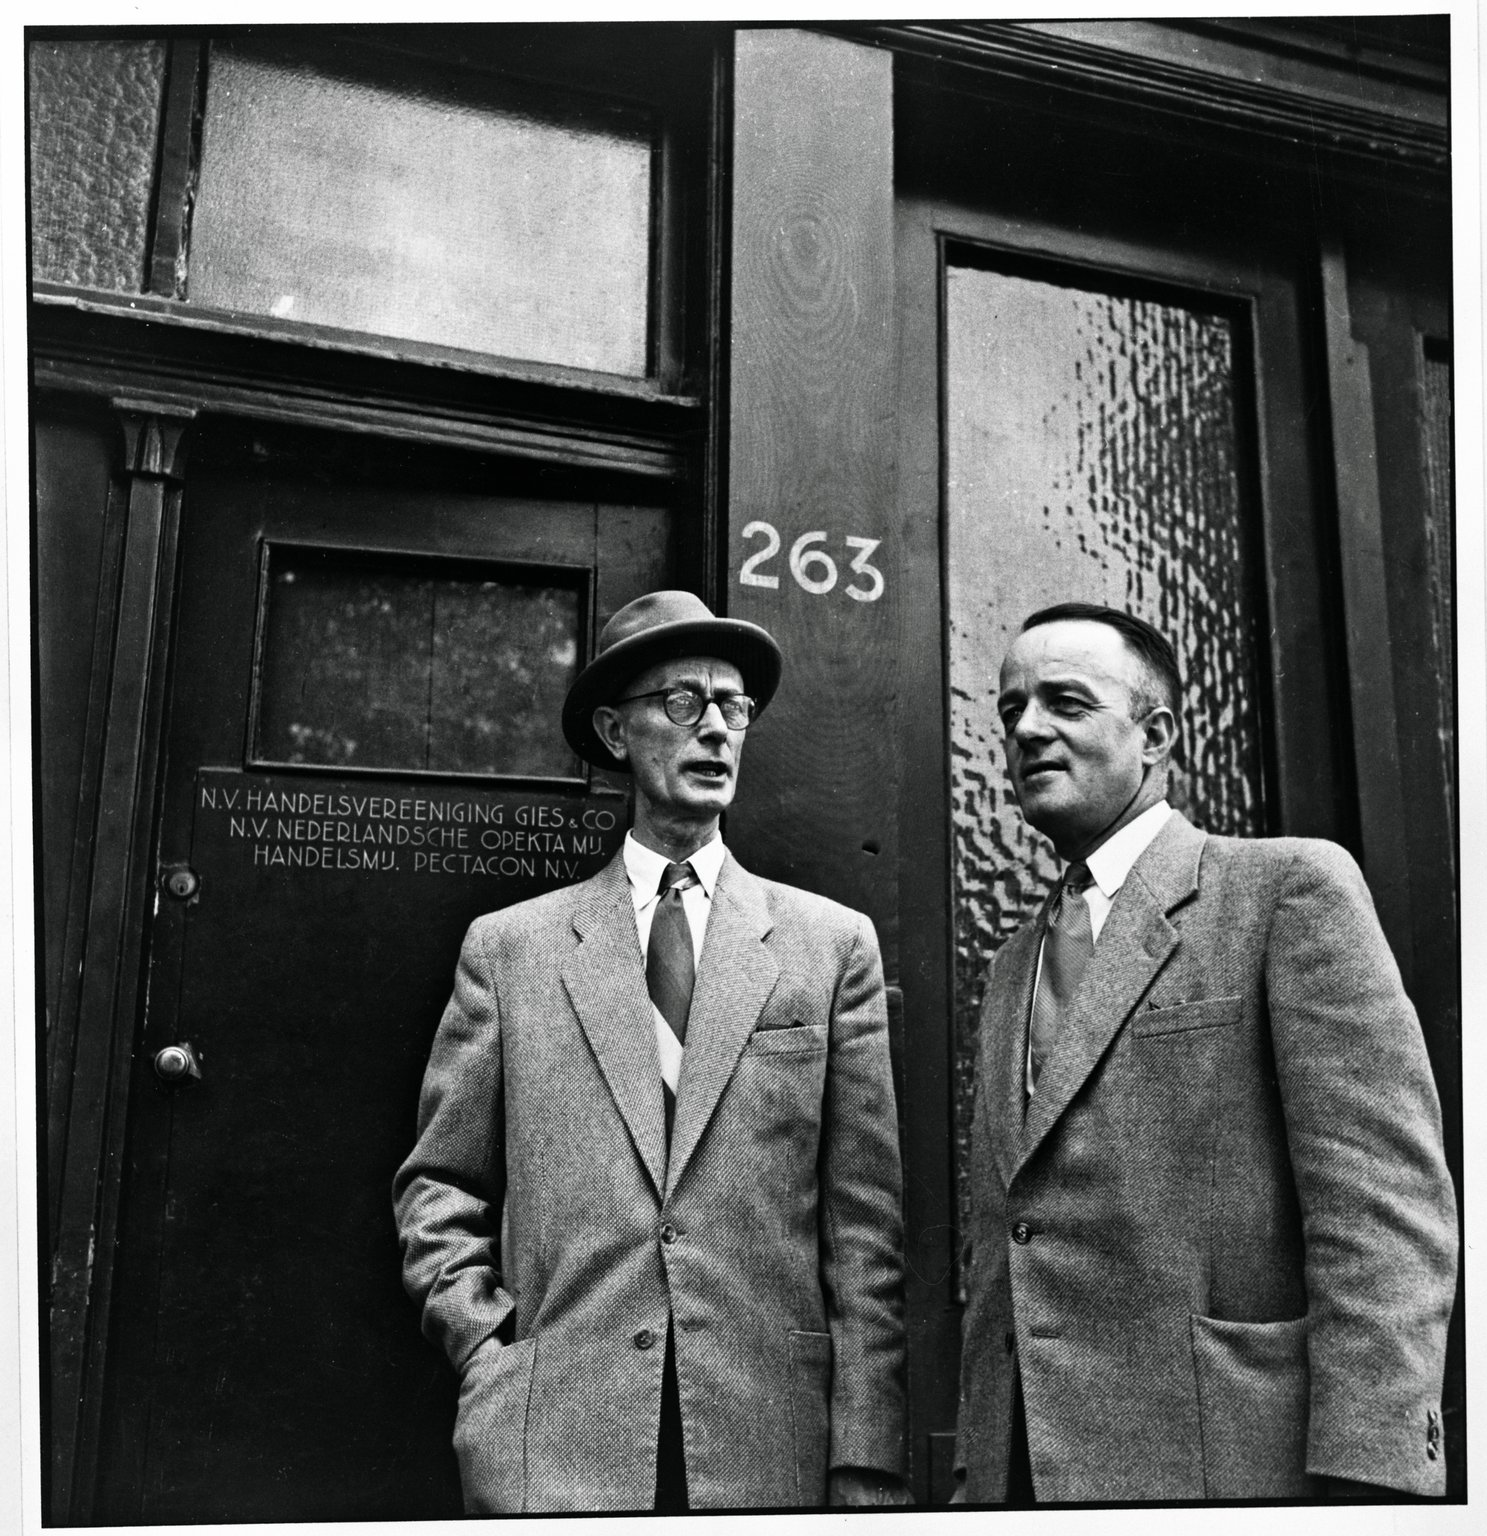 Johannes Kleiman (links) und Victor Kugler vor dem Haus Prinsengracht 263 im Jahr 1954.